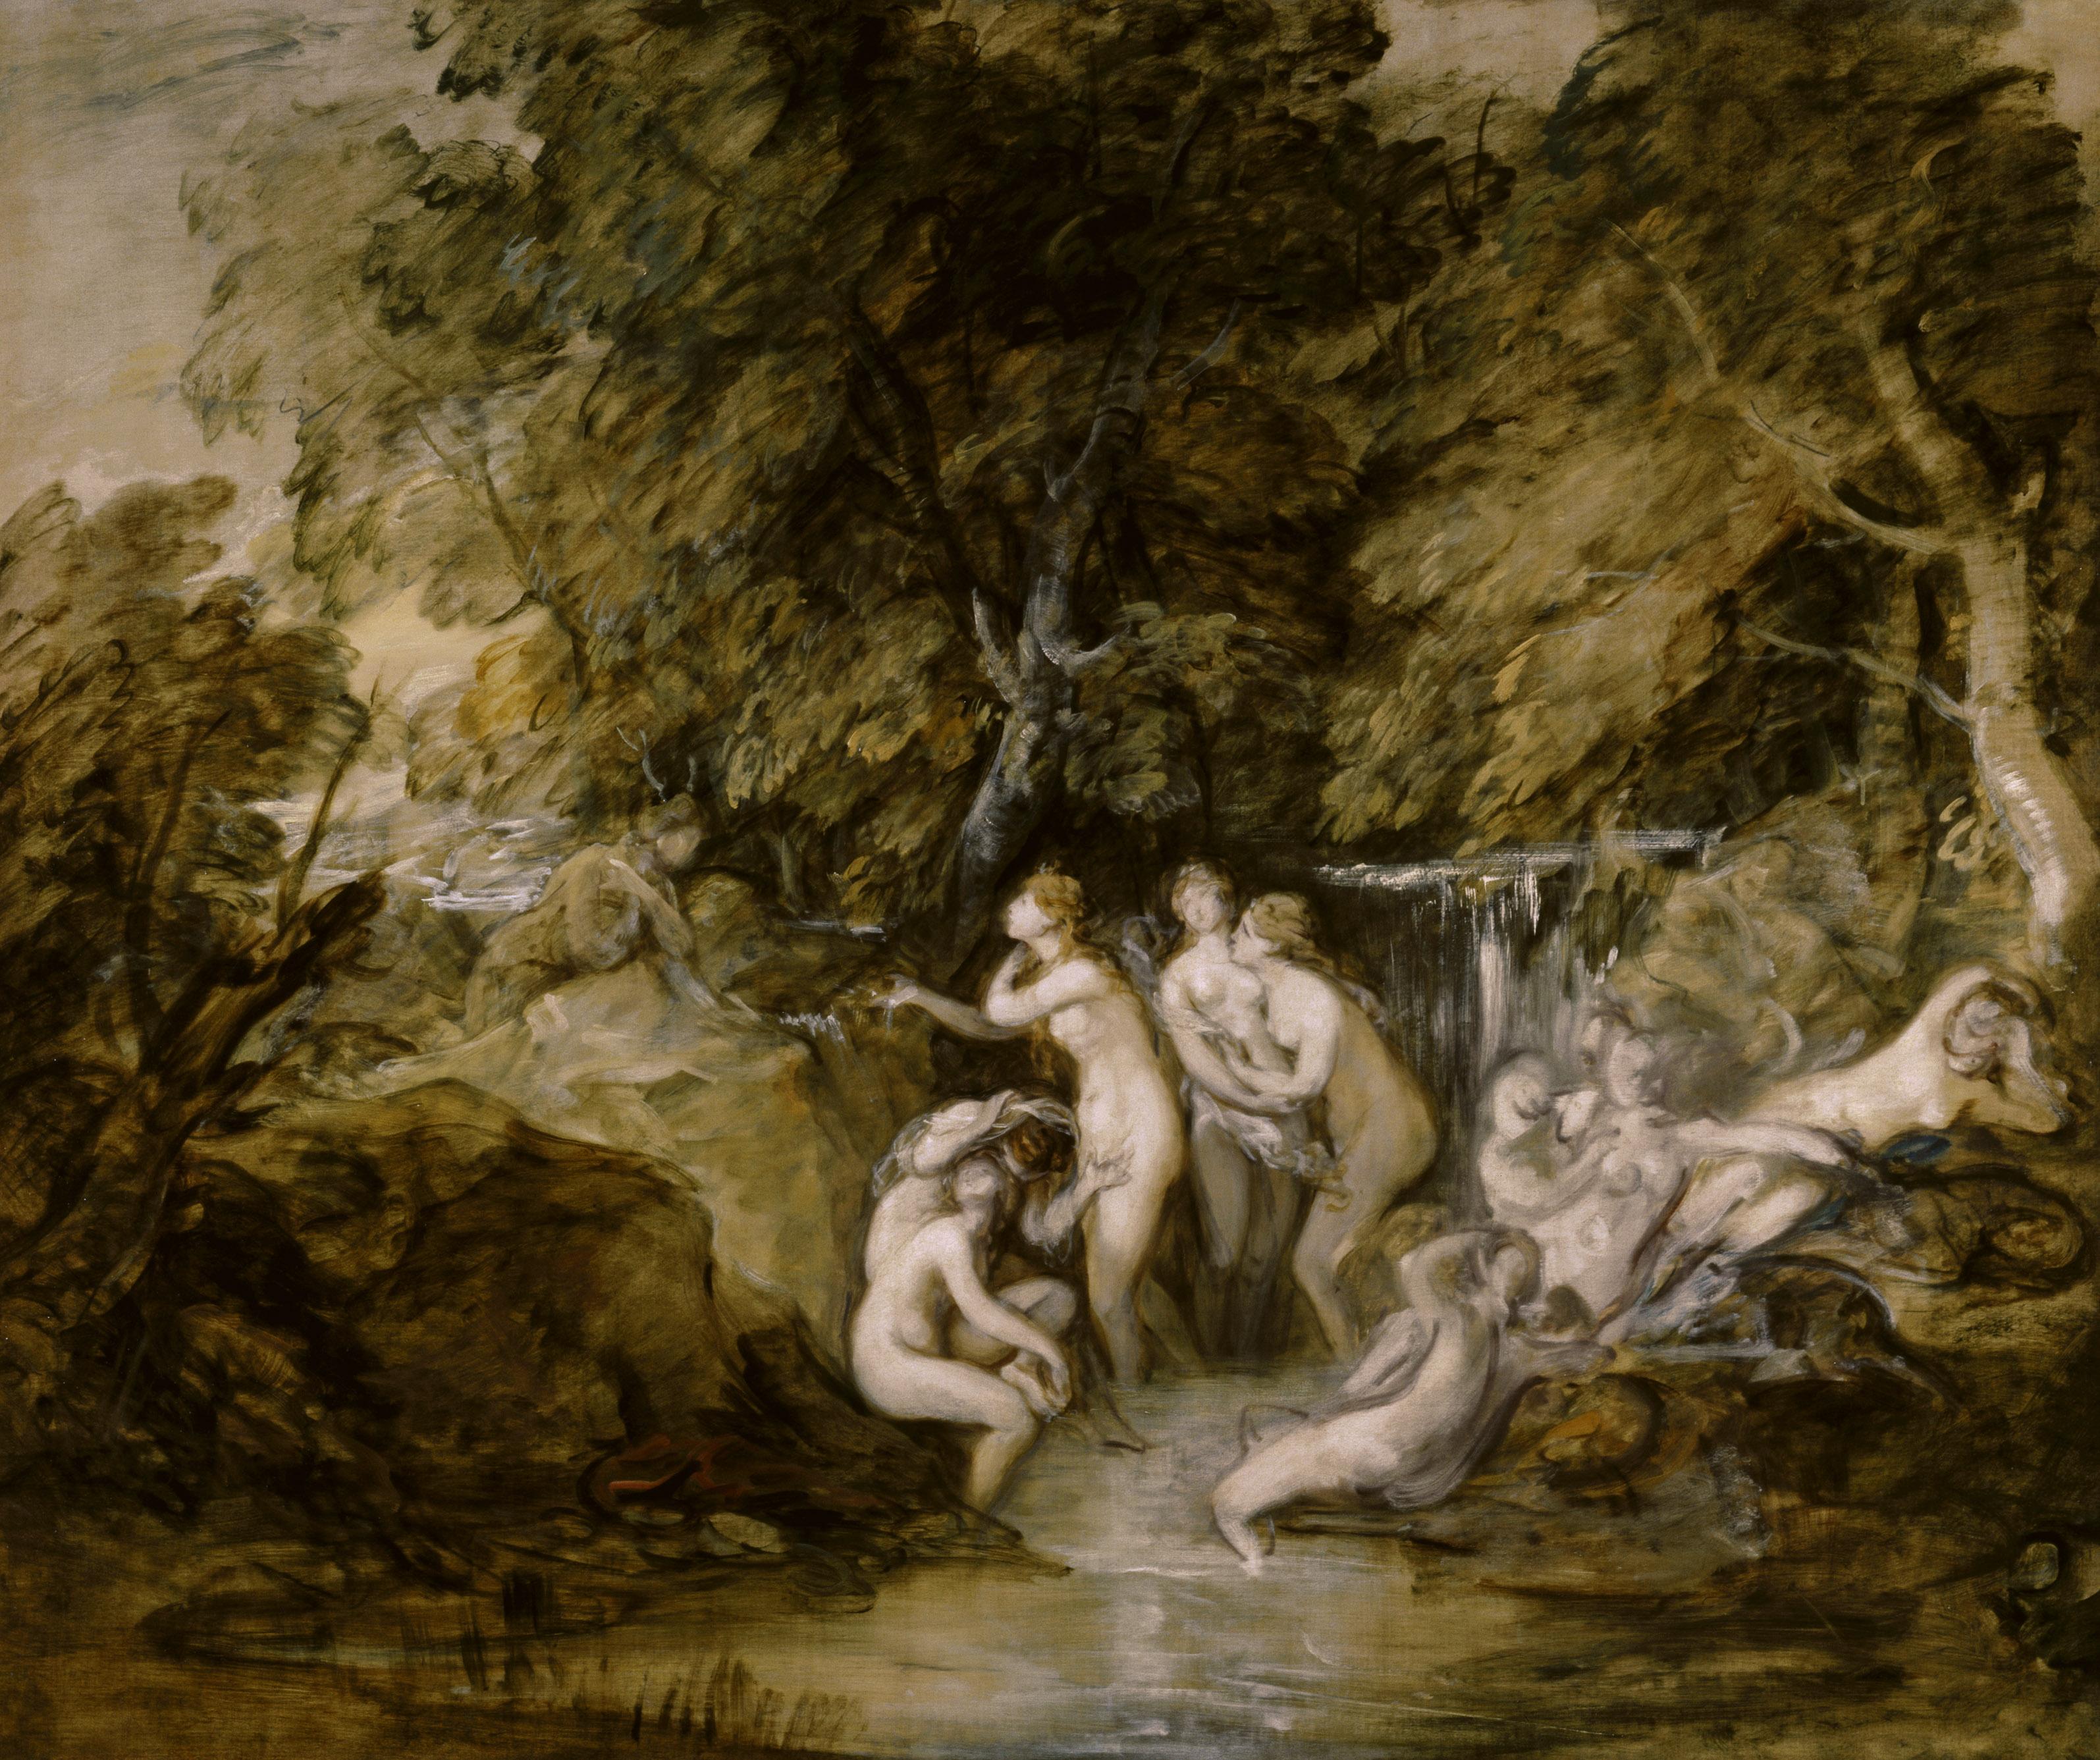 Thomas Gainsborough, Diana and Actaeon, c.1785-8